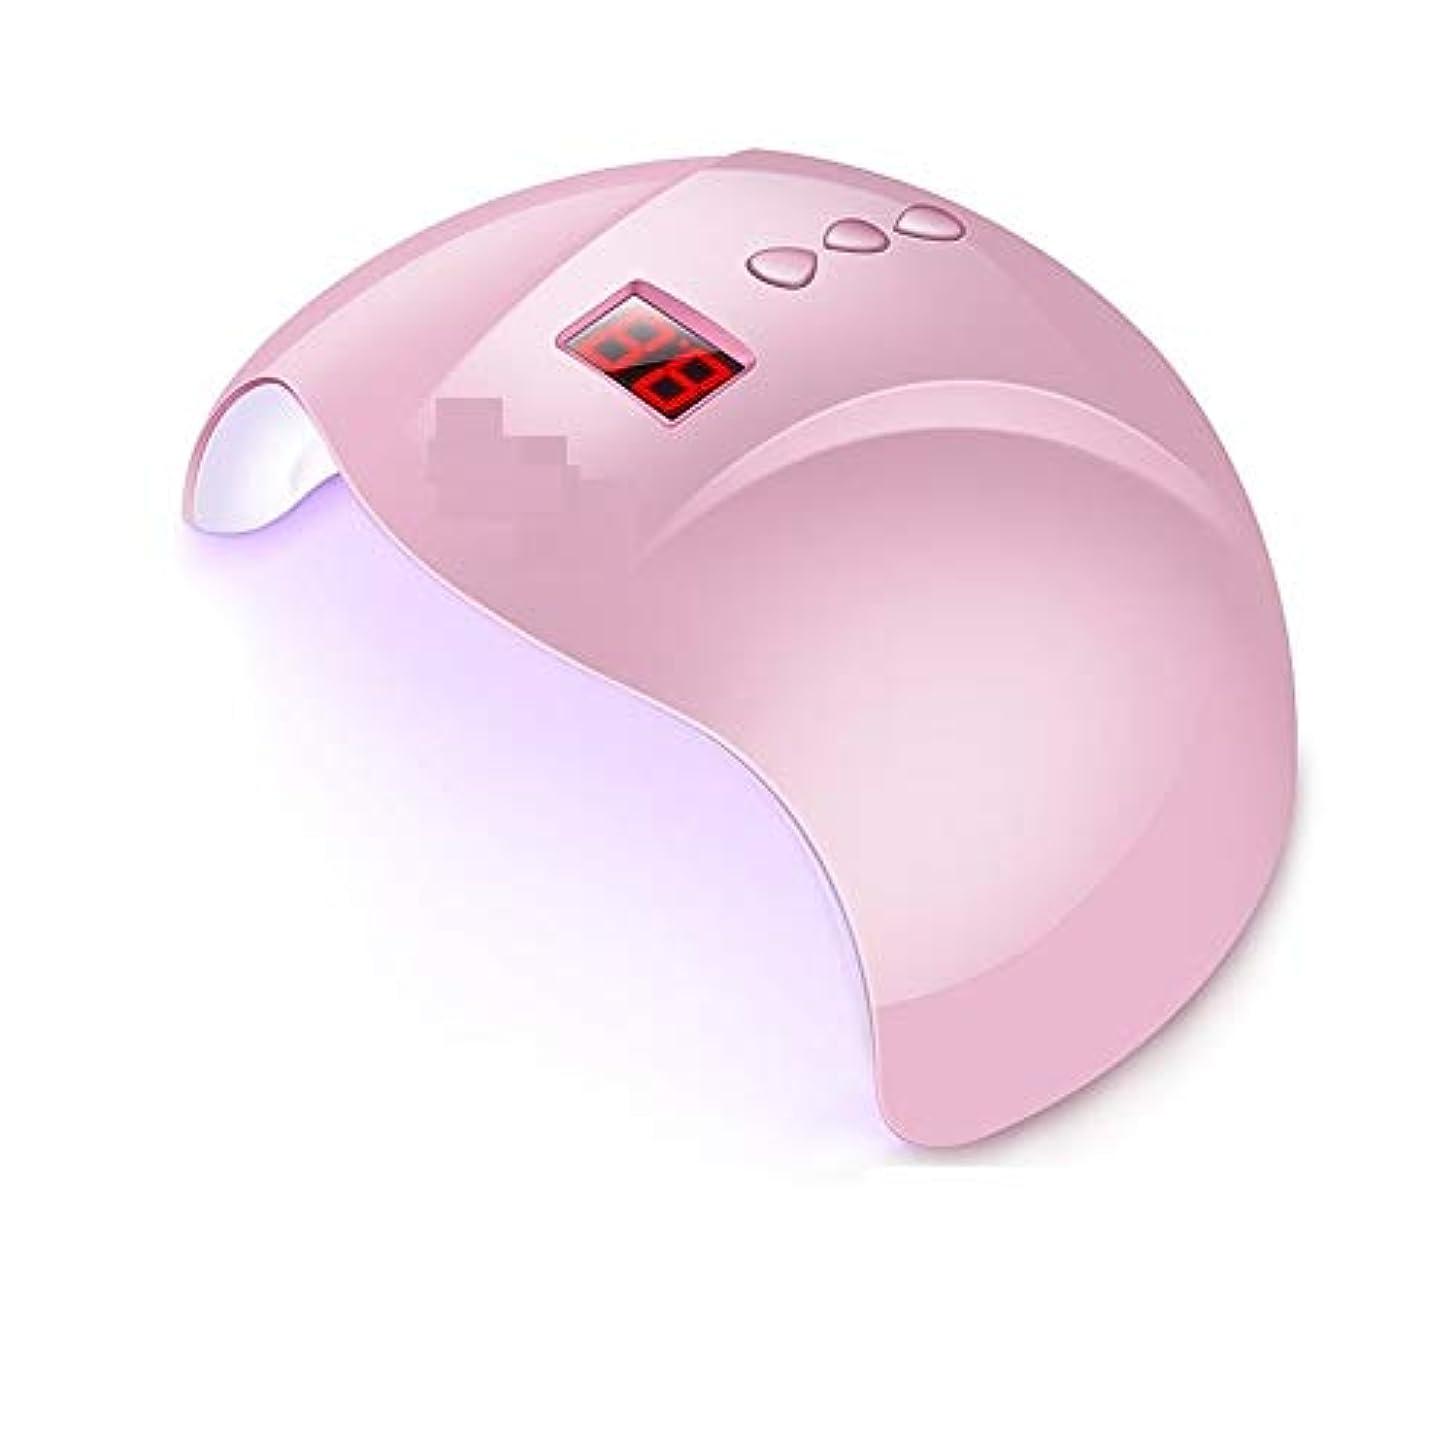 もつれぼかし離れたLittleCat スマートセンサ36WポーランドゴムバンドドライヤーLED + UVランプライトセラピーネイル速乾性ネイルマシン (色 : 36w white)